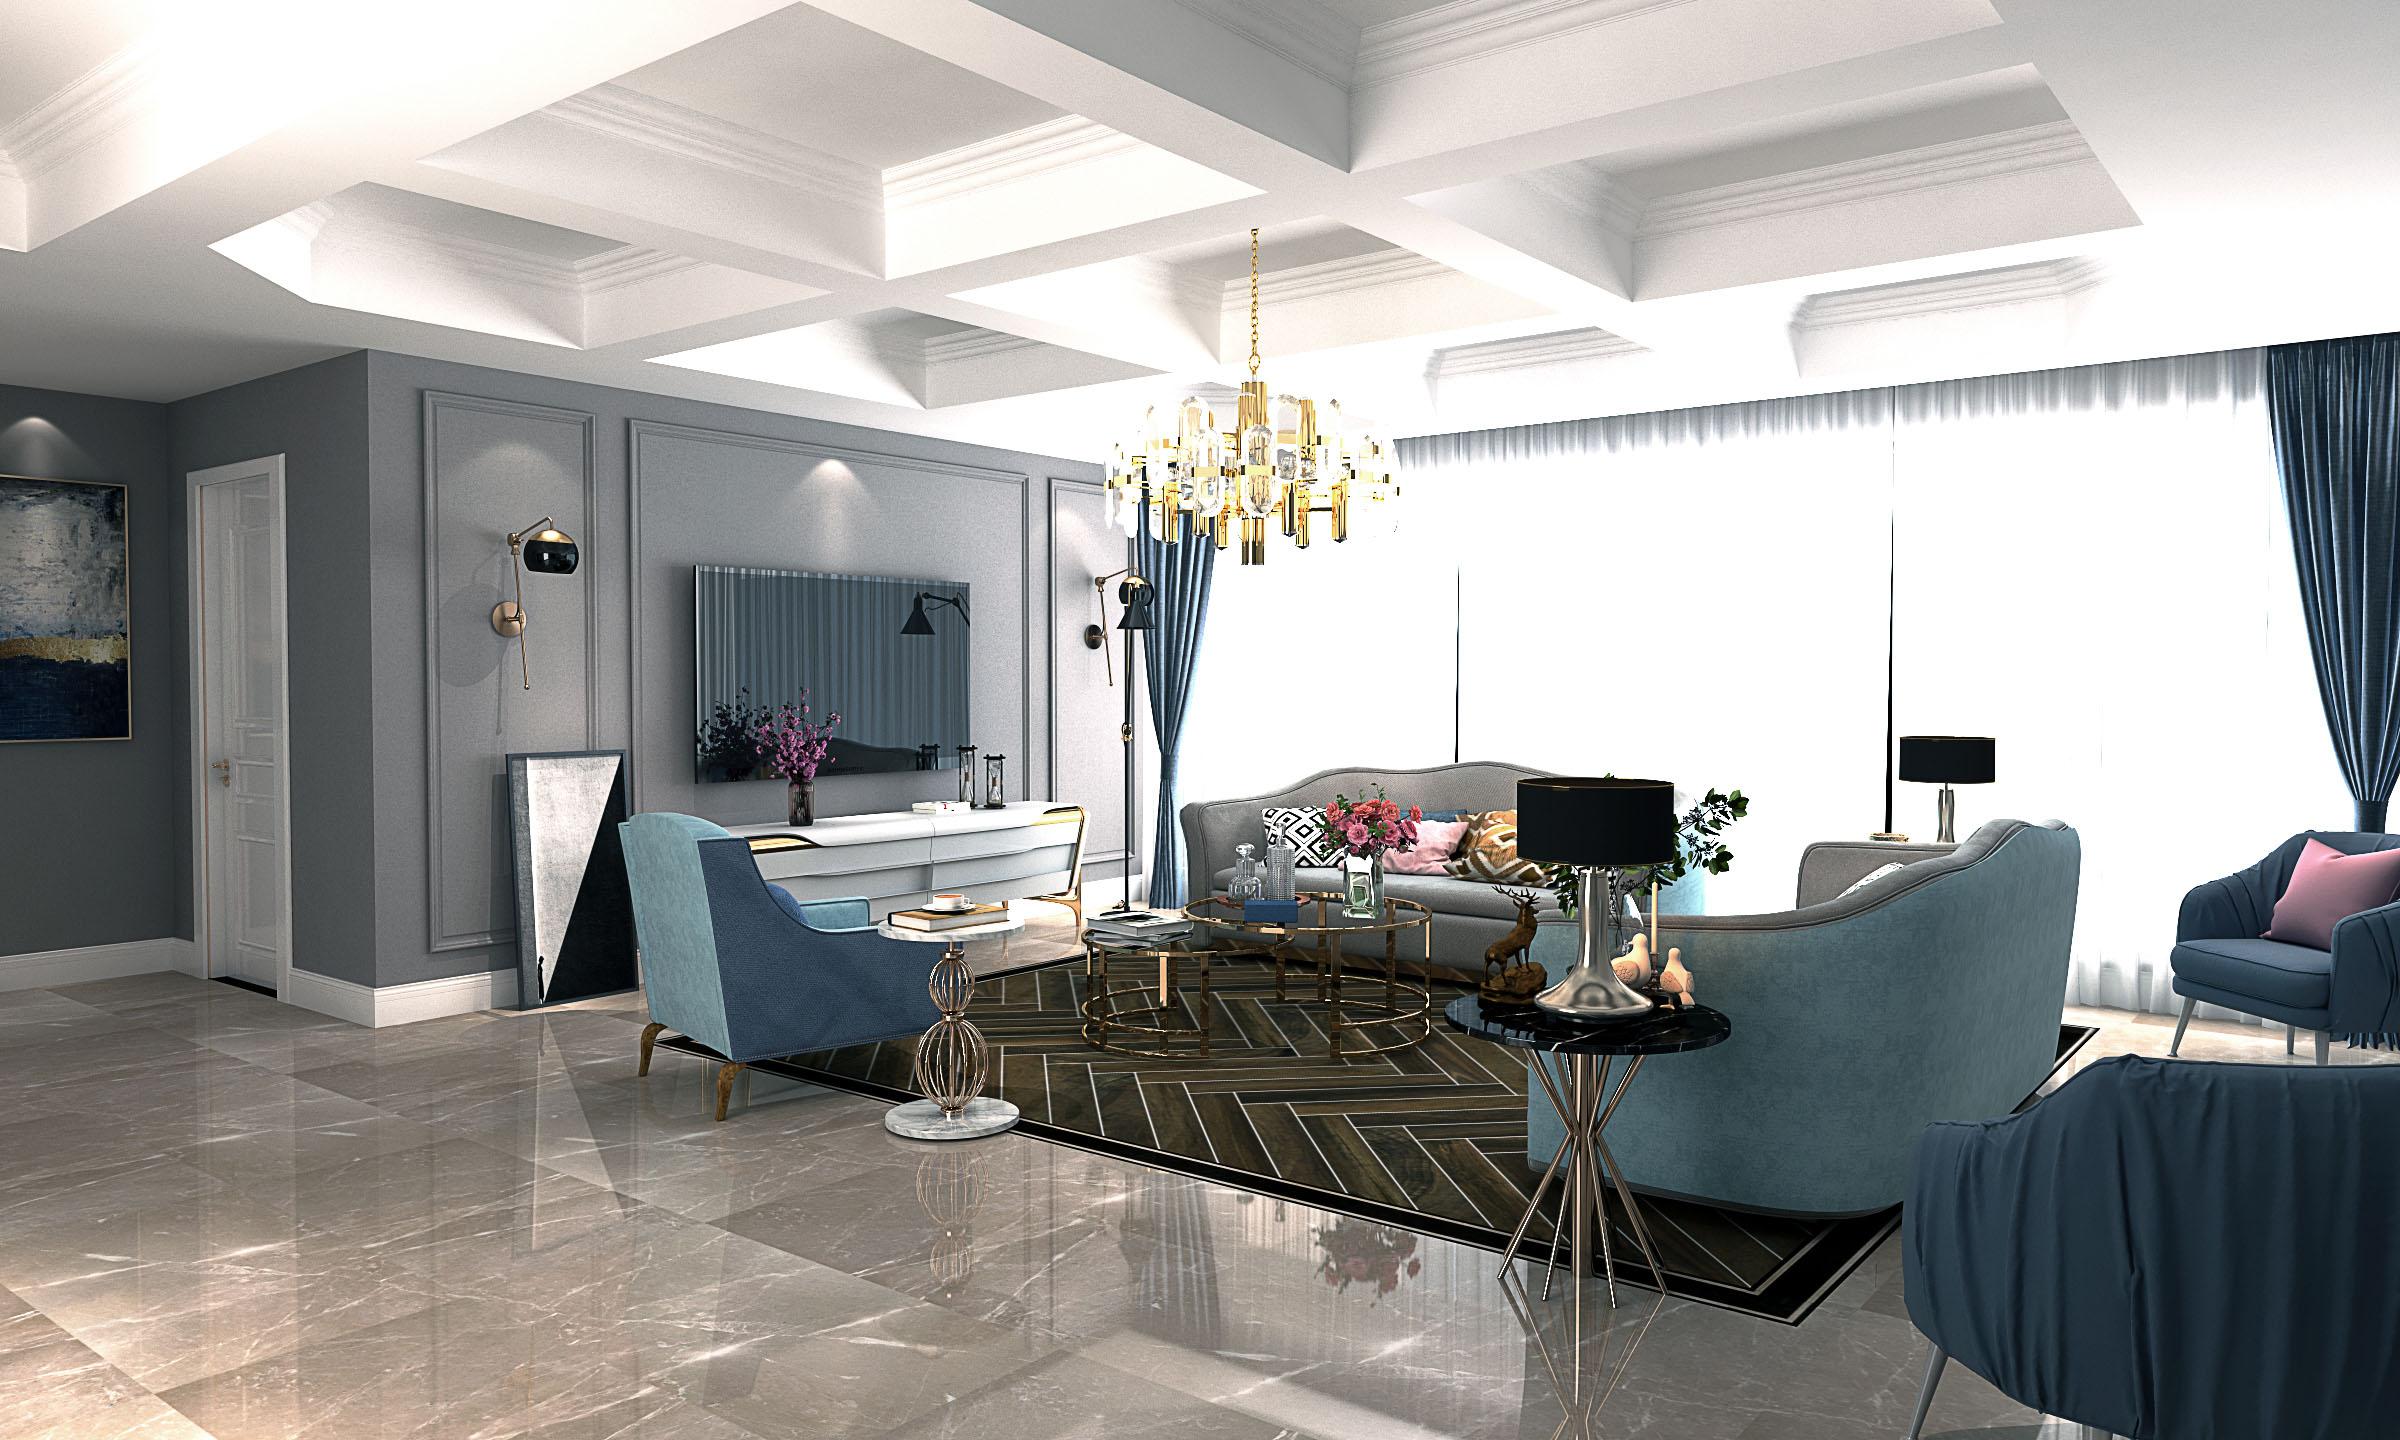 长沙装饰公司丨装修房子需要注意的地方有哪些?